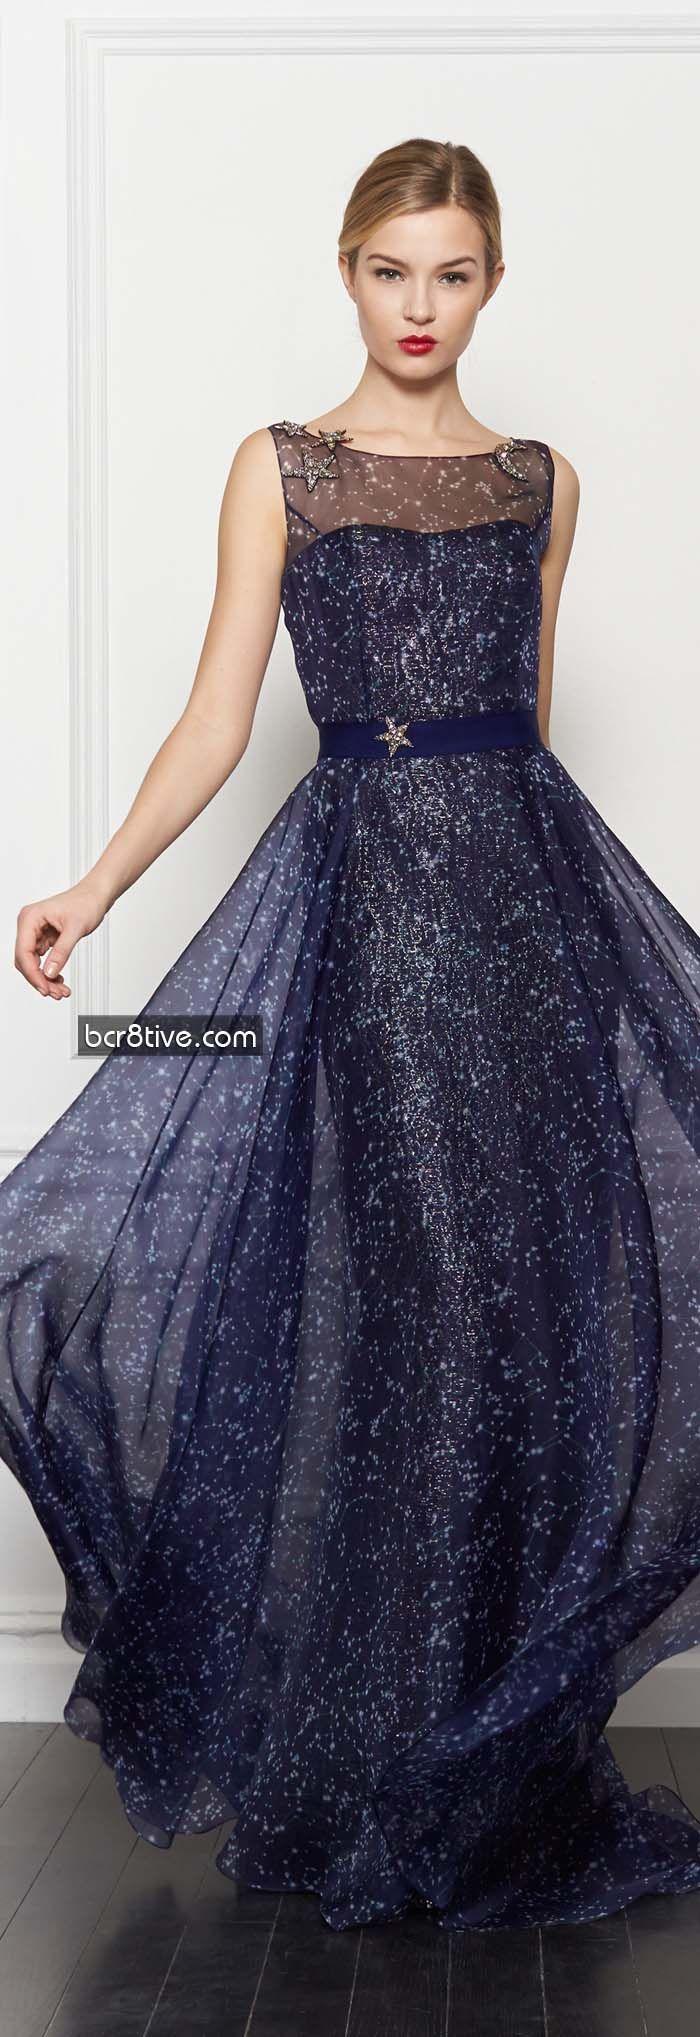 Carolina Herrera Pre-Fall 2013-14 | Vestiditos, Vestidos de noche y Azul